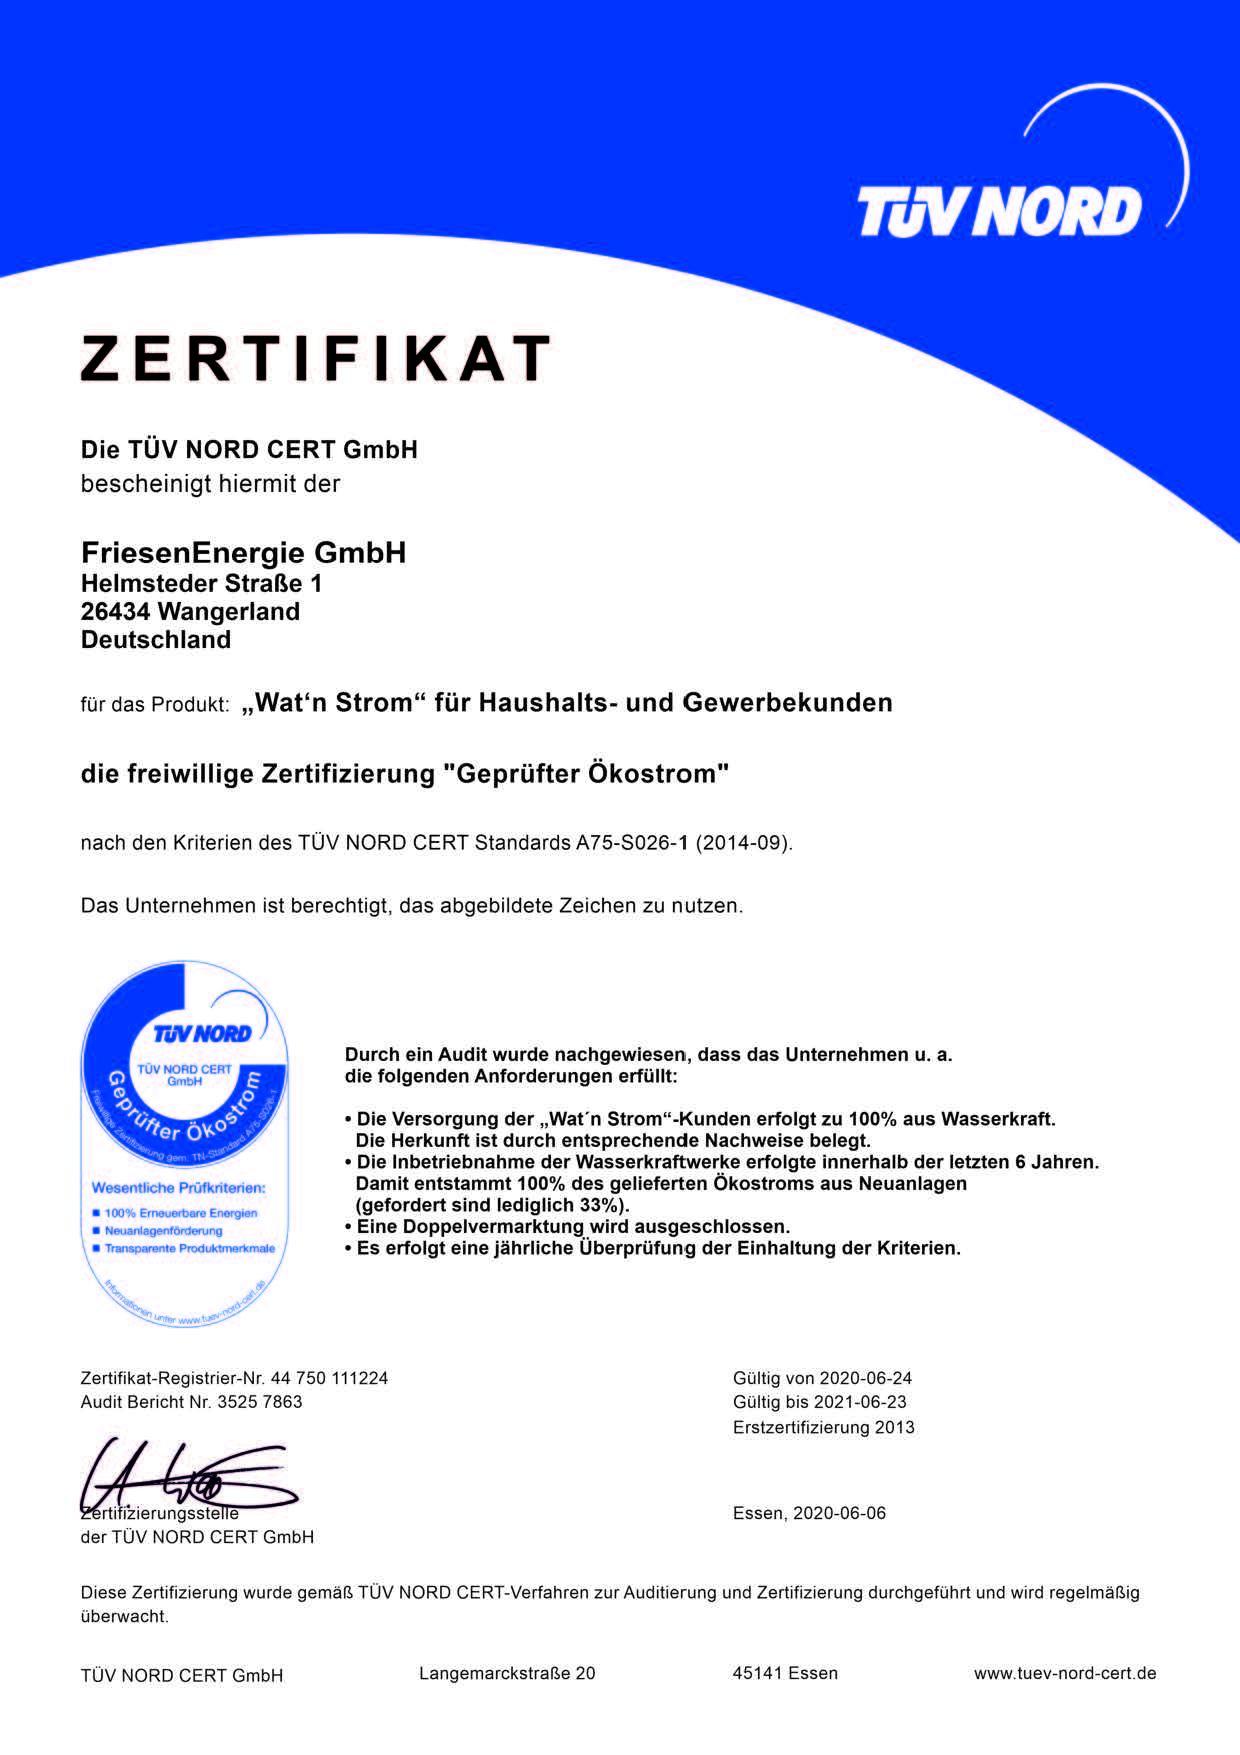 Zertifikat TÜV Nord 2020-2021